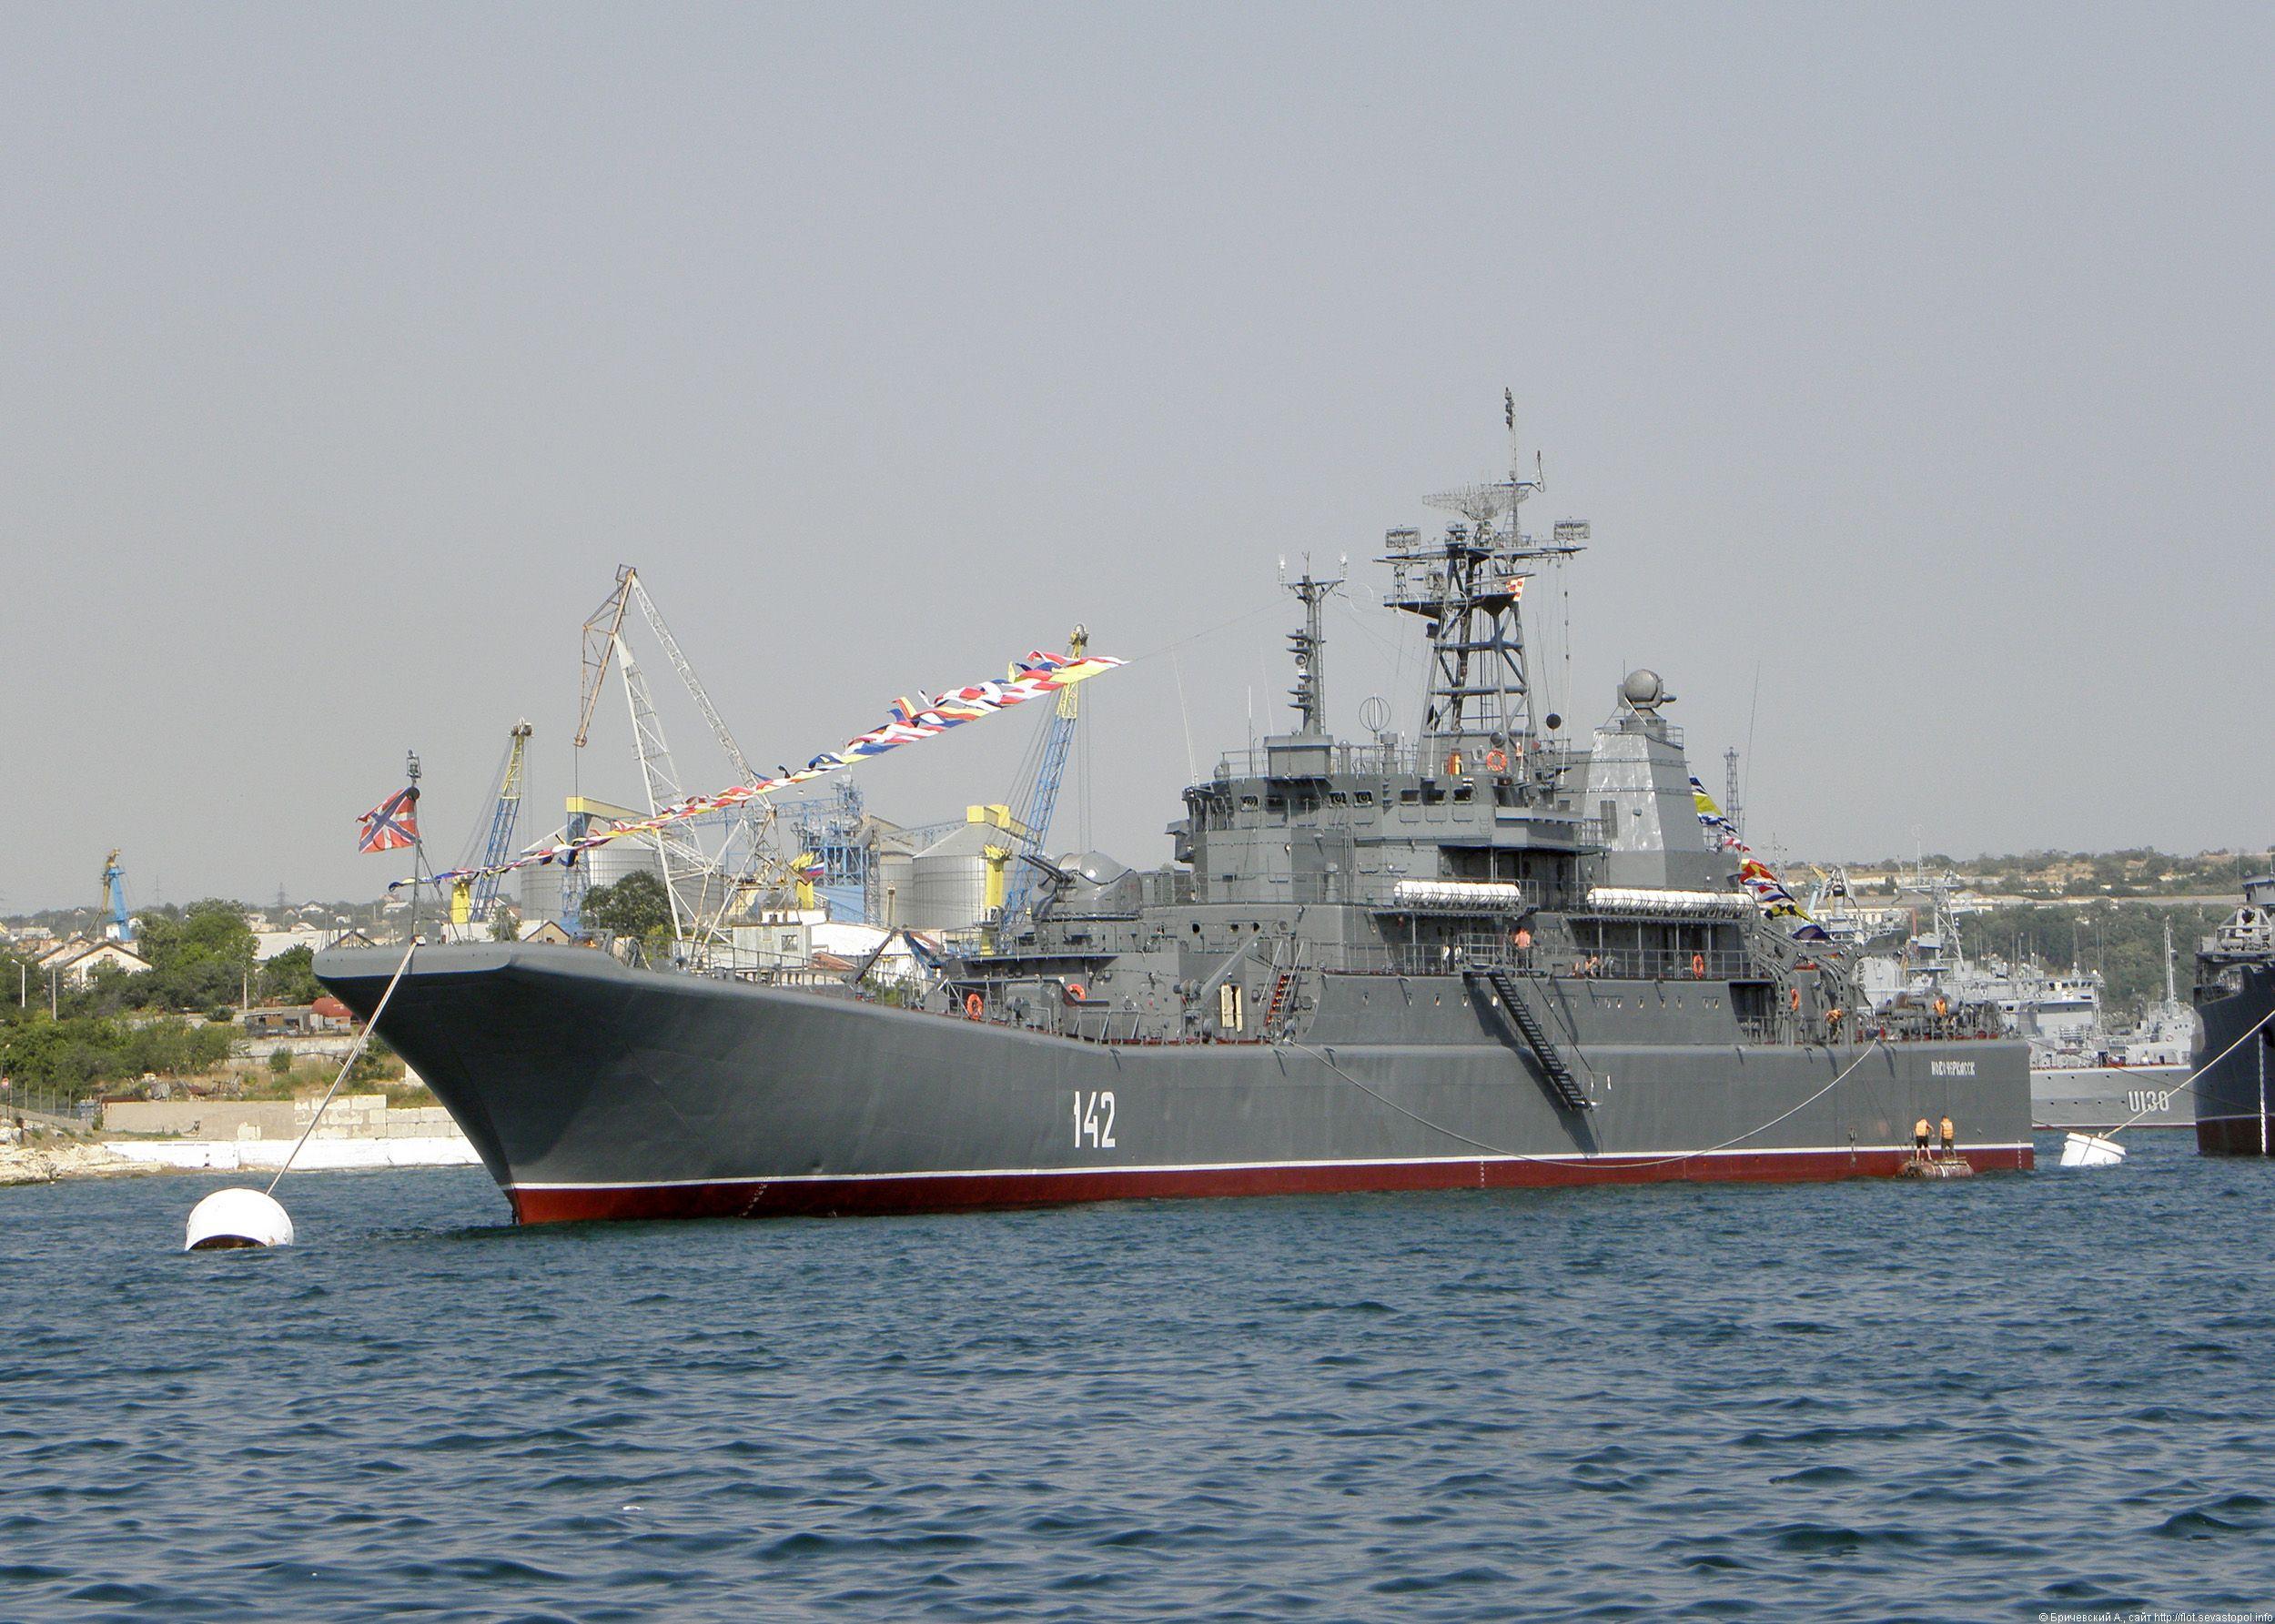 Novocherkassk RopuchaI class Large Landing Ship Russia